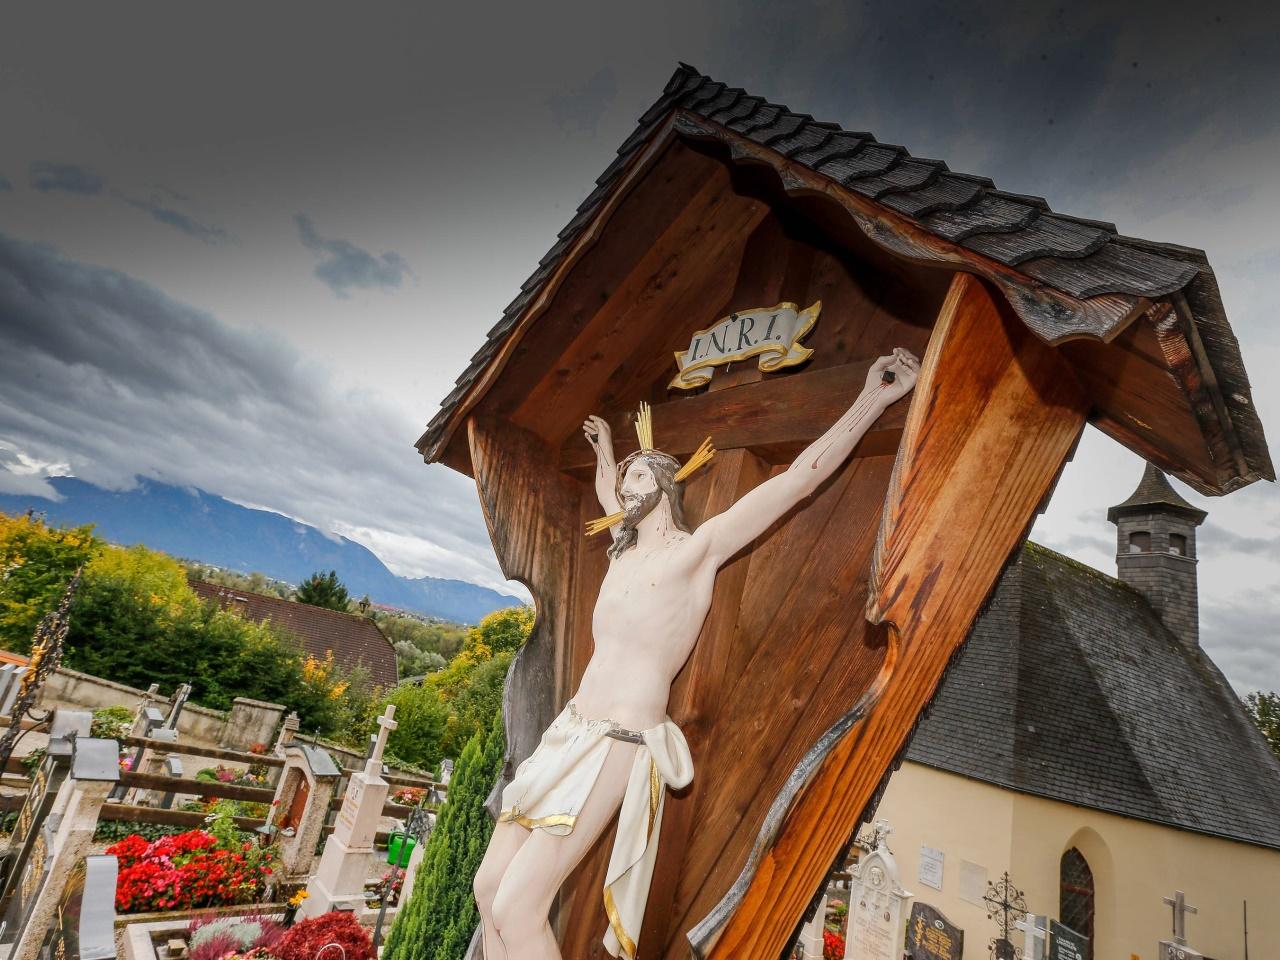 Priestermangel in Salzburg: Der Kirche gehen die Pfarrer aus